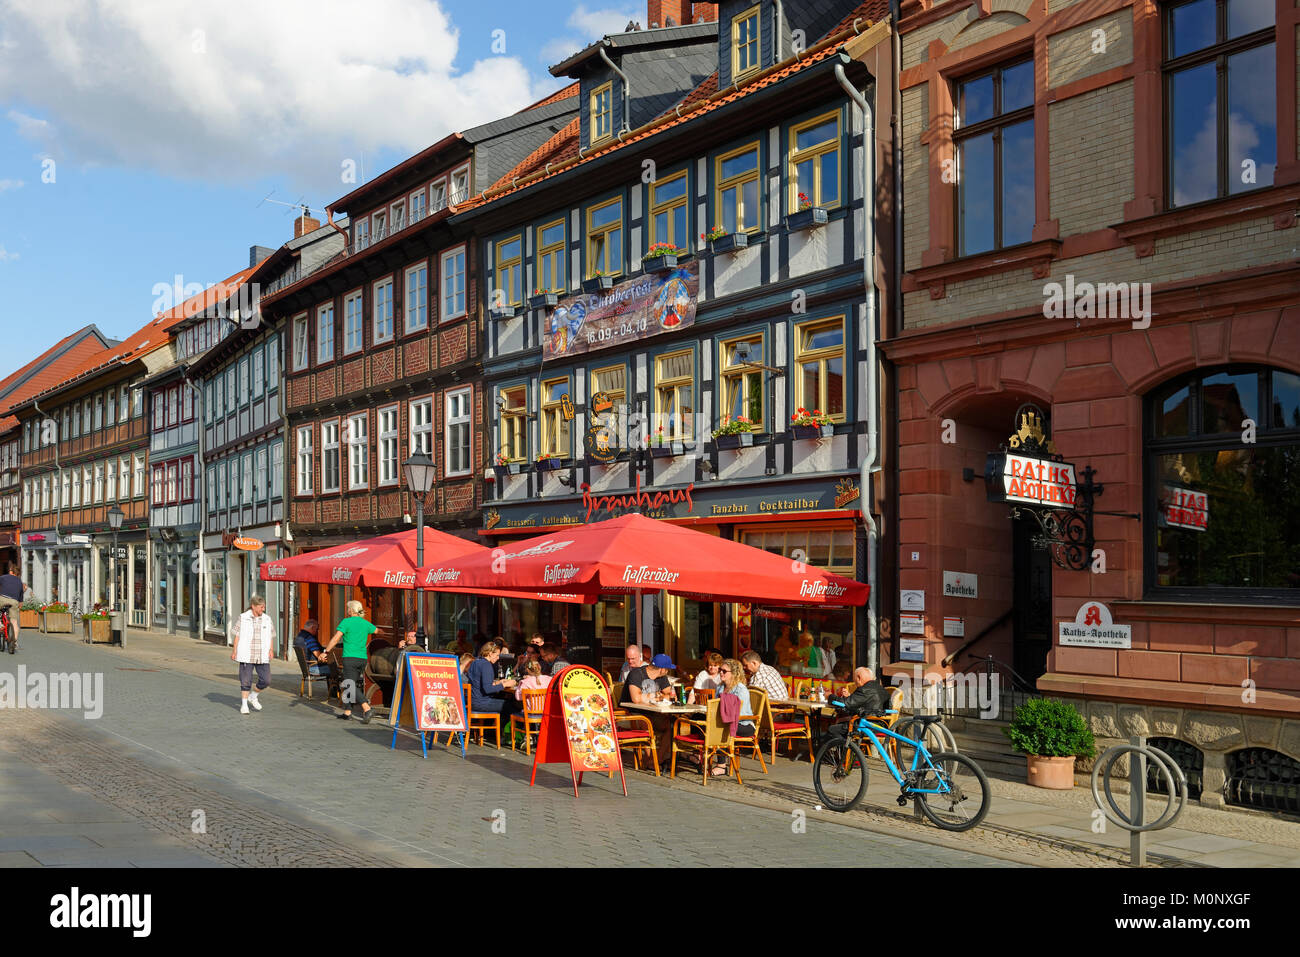 Rangée de maisons avec la gastronomie,Breite Straße, Wernigerode, Saxe-Anhalt, Allemagne Photo Stock